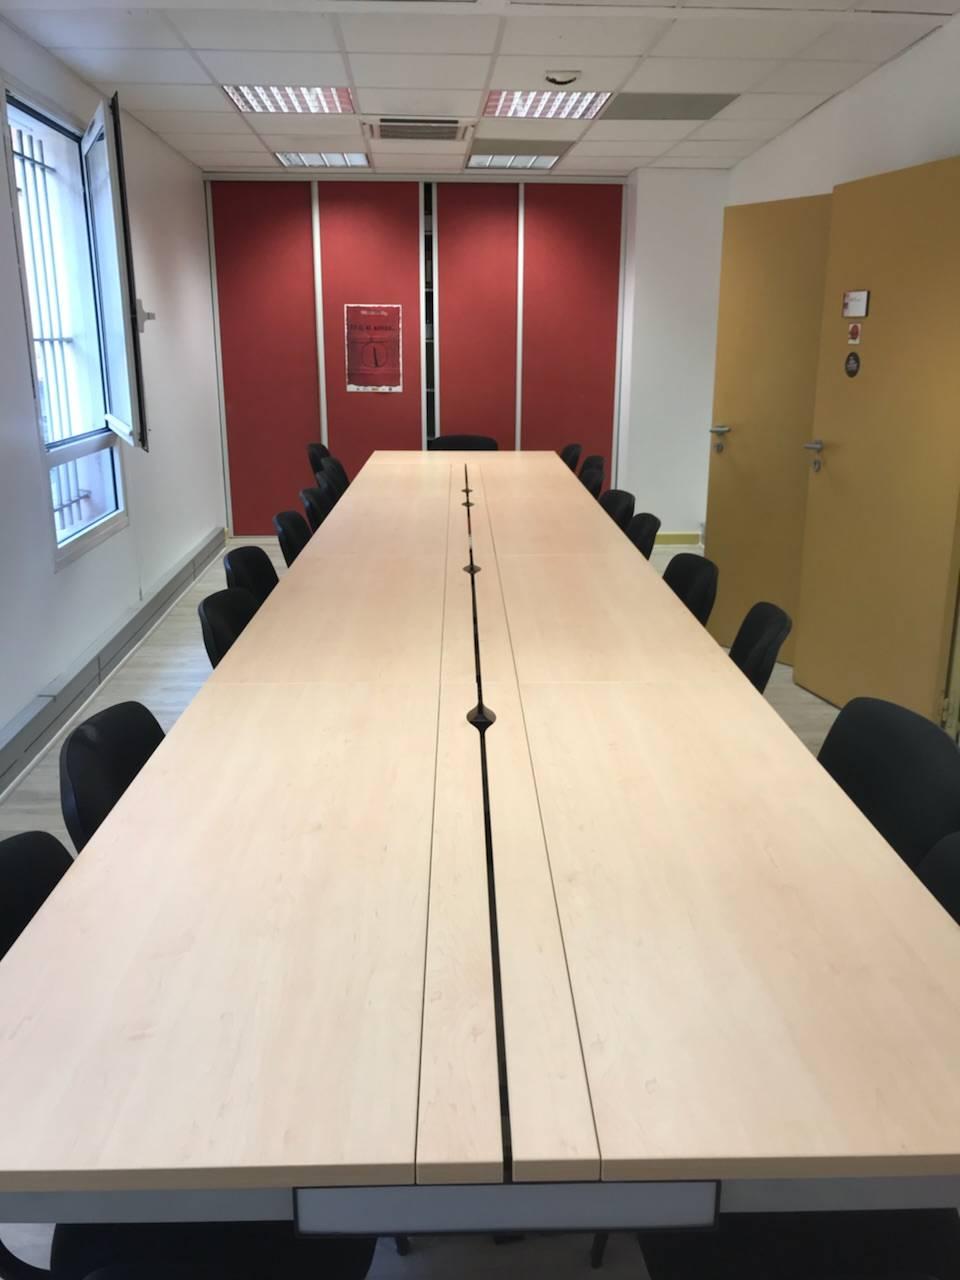 Table de conférence.Accès aux câblage par la trappe centrale, chemin de cable et goulotte verticale présentes sous le plan de travail